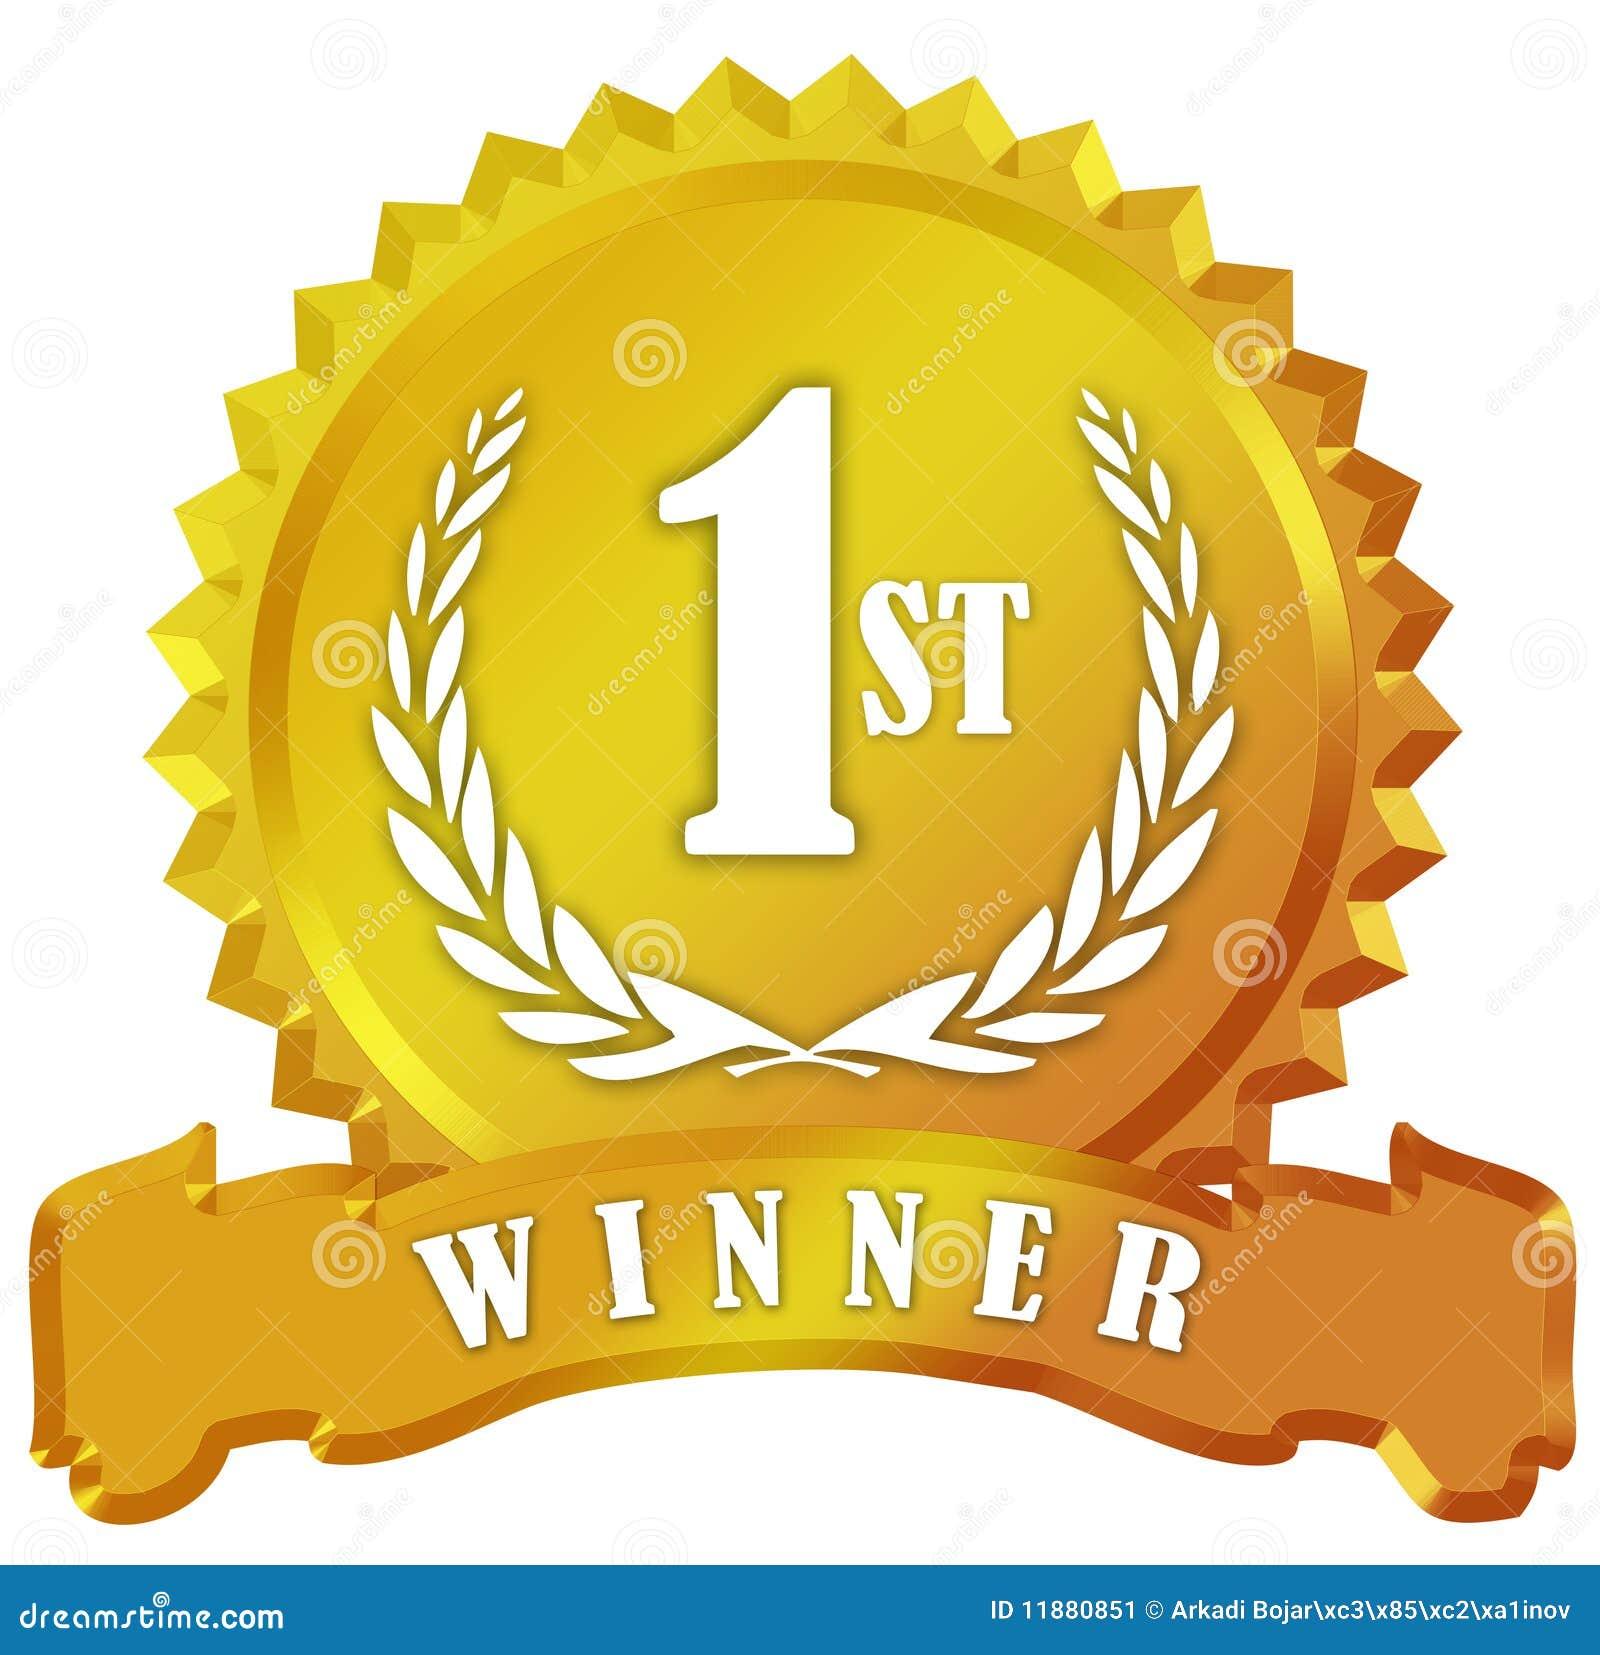 Winner Award Golden Sign Stock Image - Image: 11880851